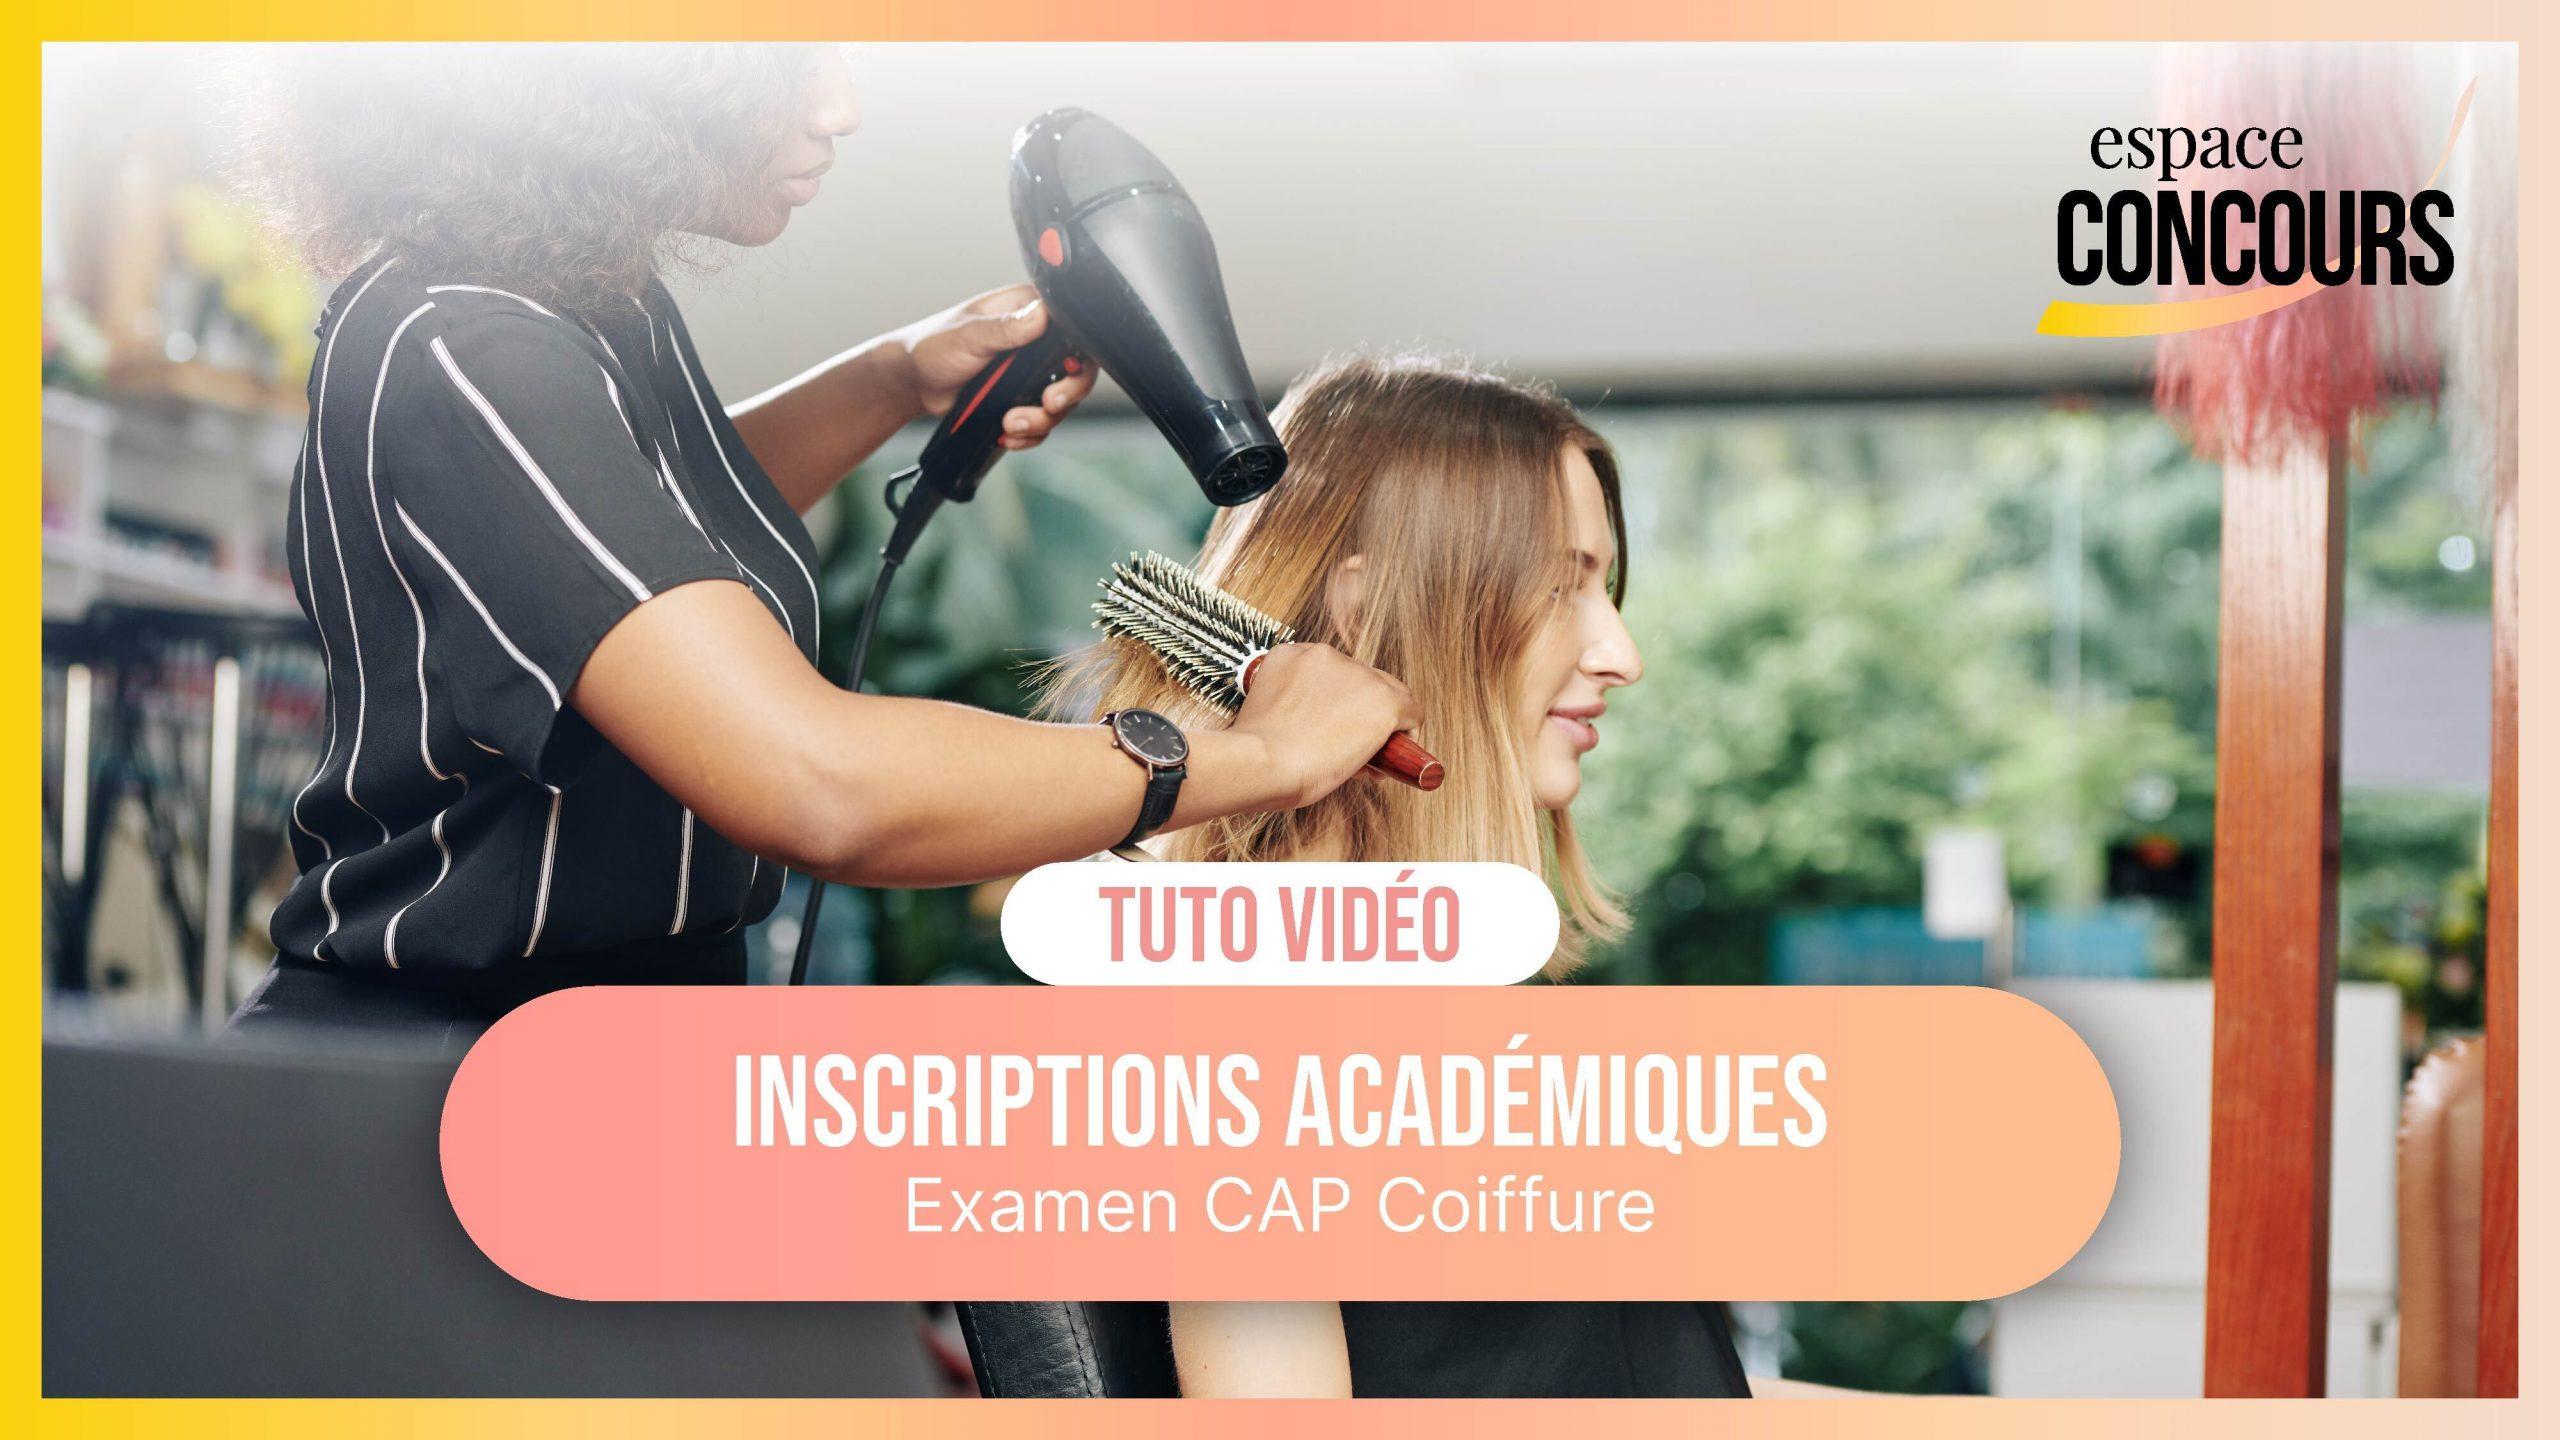 Vidéo Tuto – les inscriptions Académiques Examen CAP Coiffure